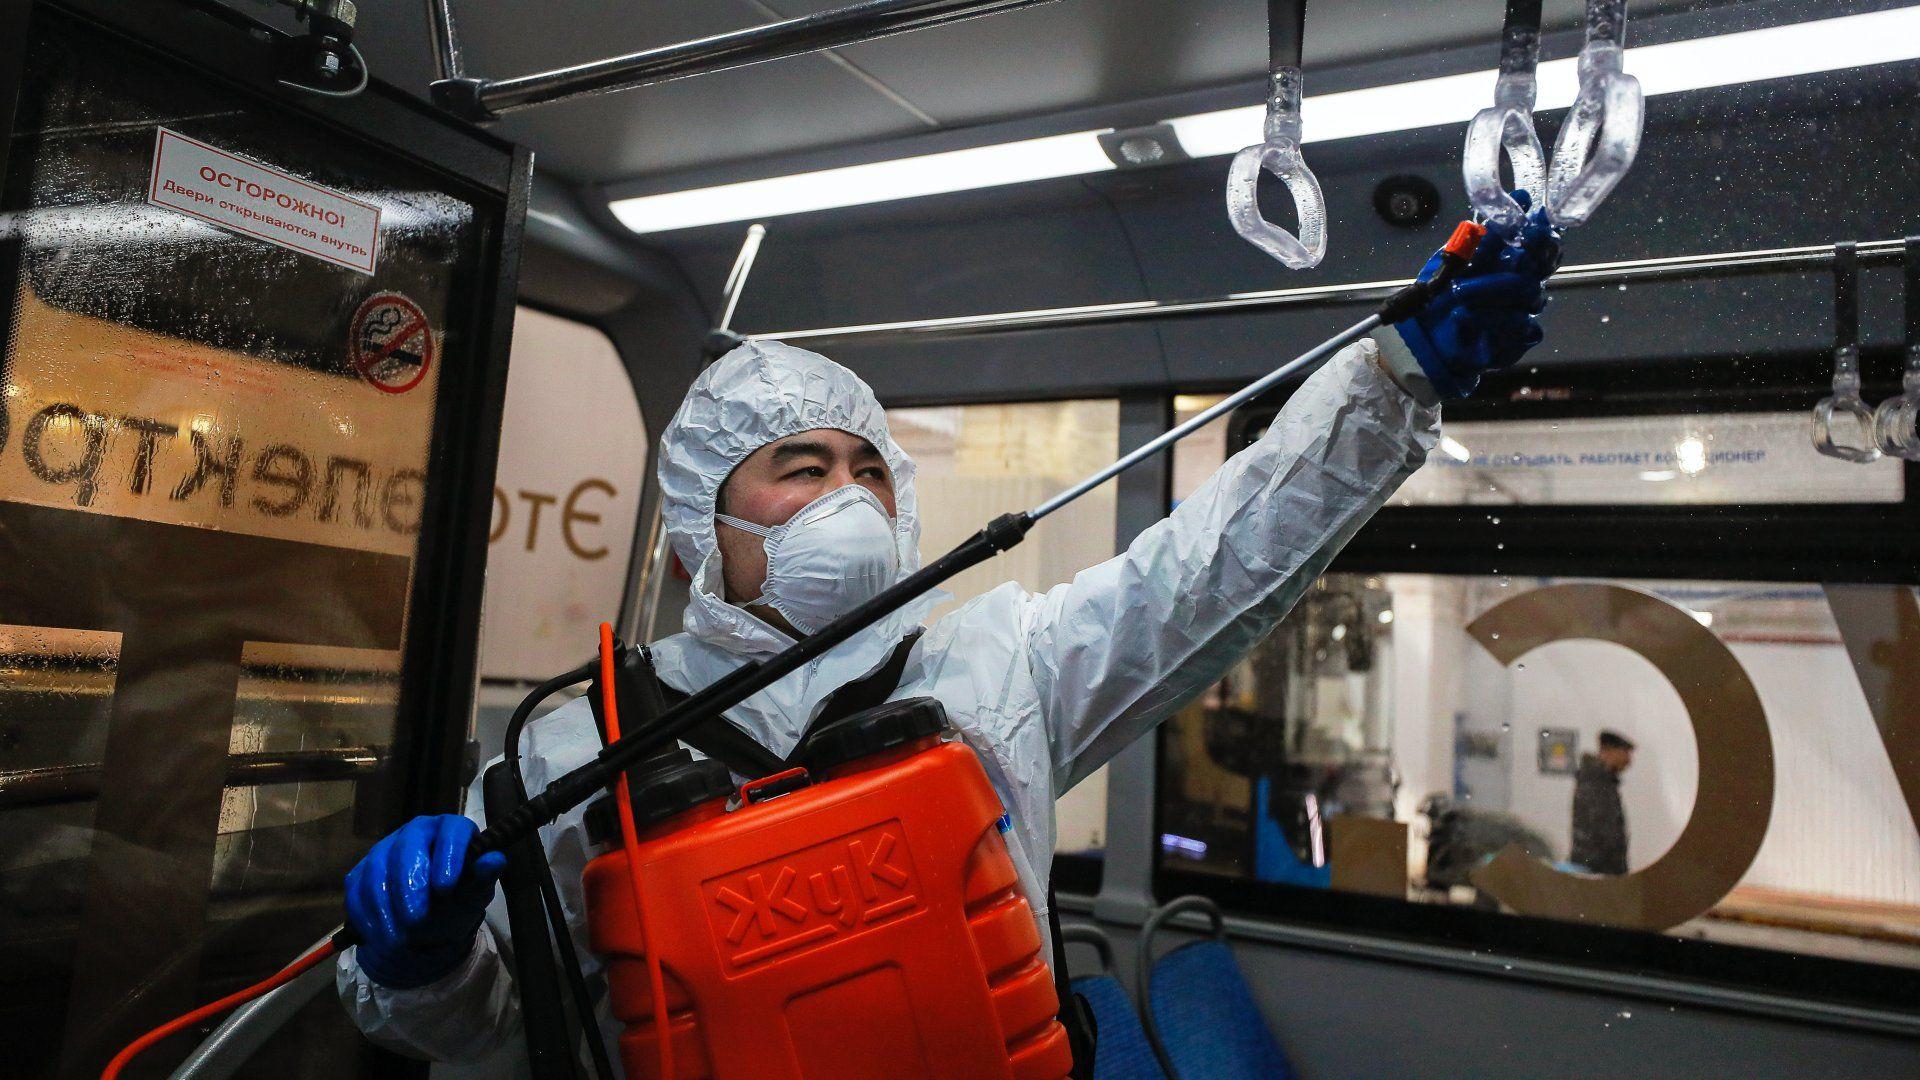 Fertőtlenítést végeznek egy busz utasterében az új koronavírus-járvány terjedésének megakadályozása érdekében Moszkvában 2020. március 20-án (Fotó: MTI/EPA/Szergej Ilnyickij)